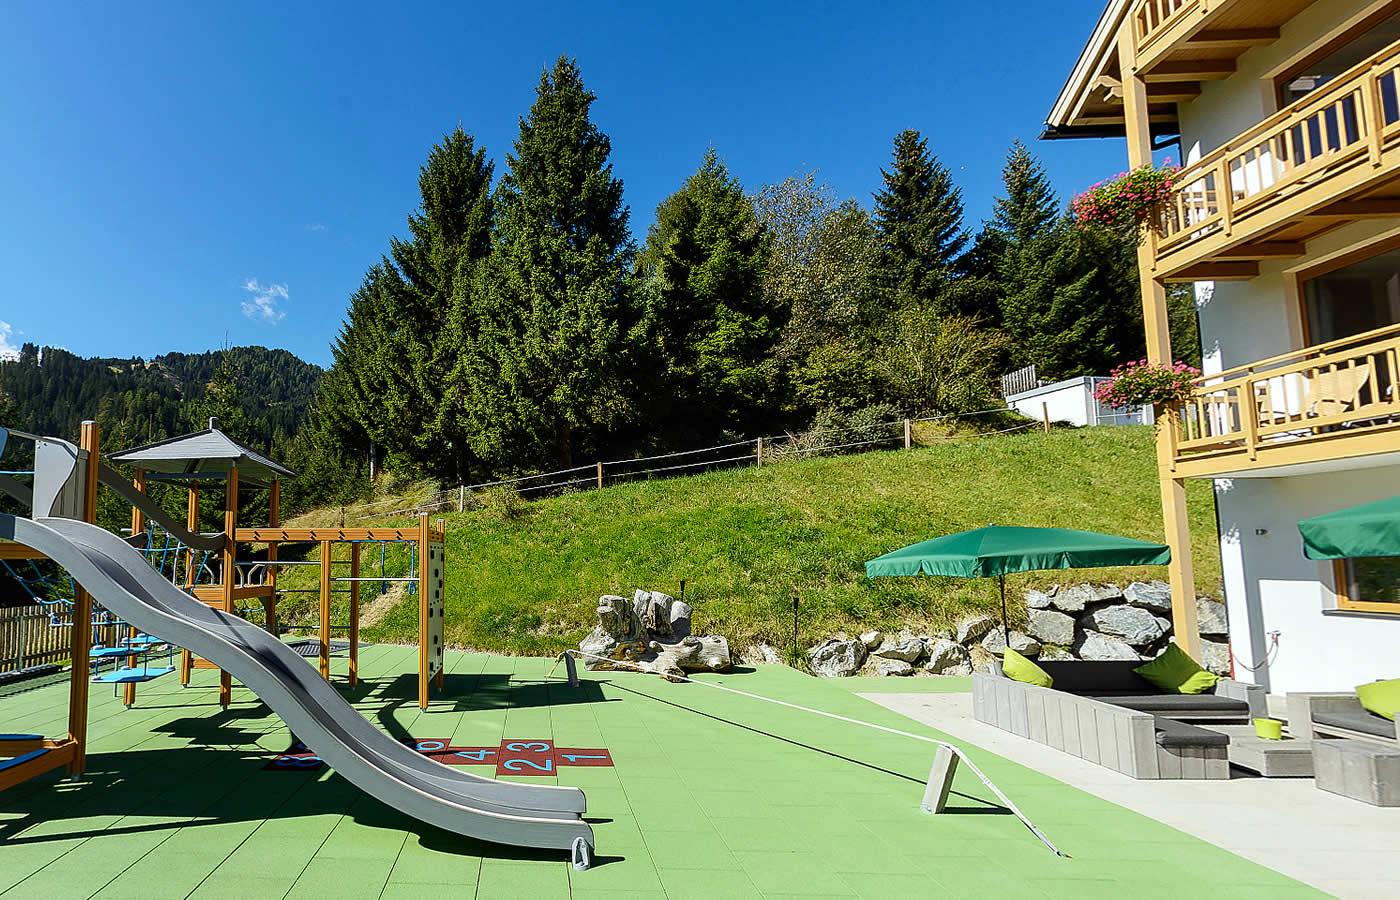 Terrasse mit Spielplatz und Sommer-Panorama-Weitblick. Natürlich Fiss.